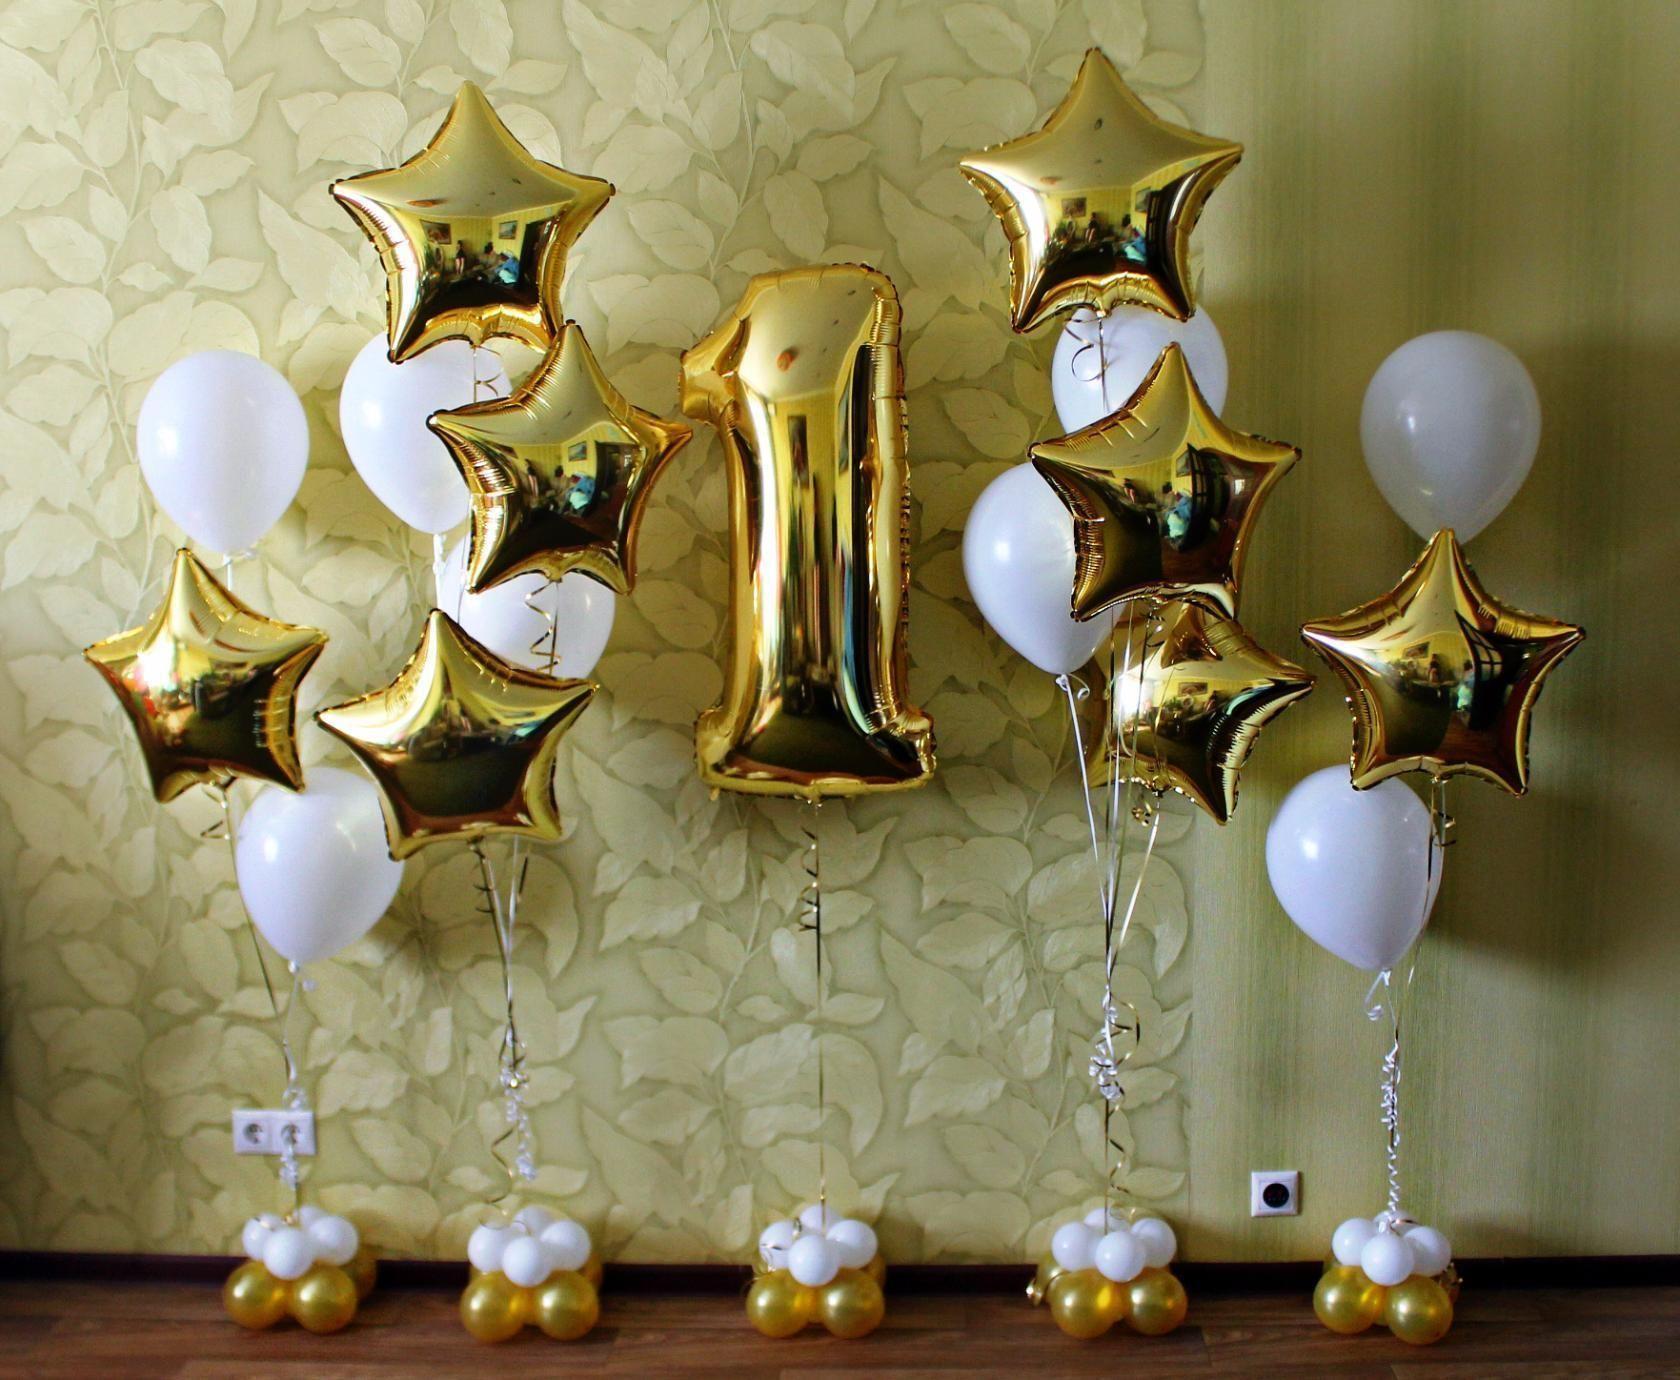 """День Рождения Оформление шарами """"Первый ДР"""" b2db8ada3c9d74e196d011bf99eb655b.jpg"""